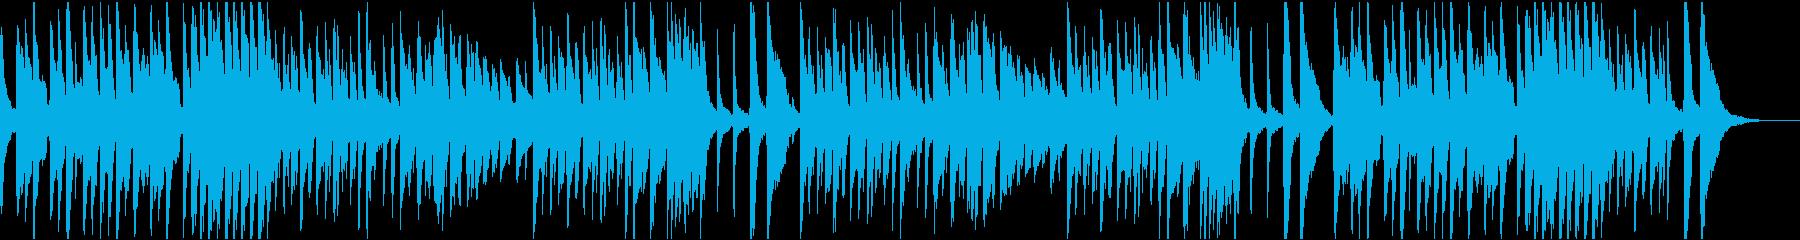 10秒でサビ、クラシックコミカル/静かめの再生済みの波形